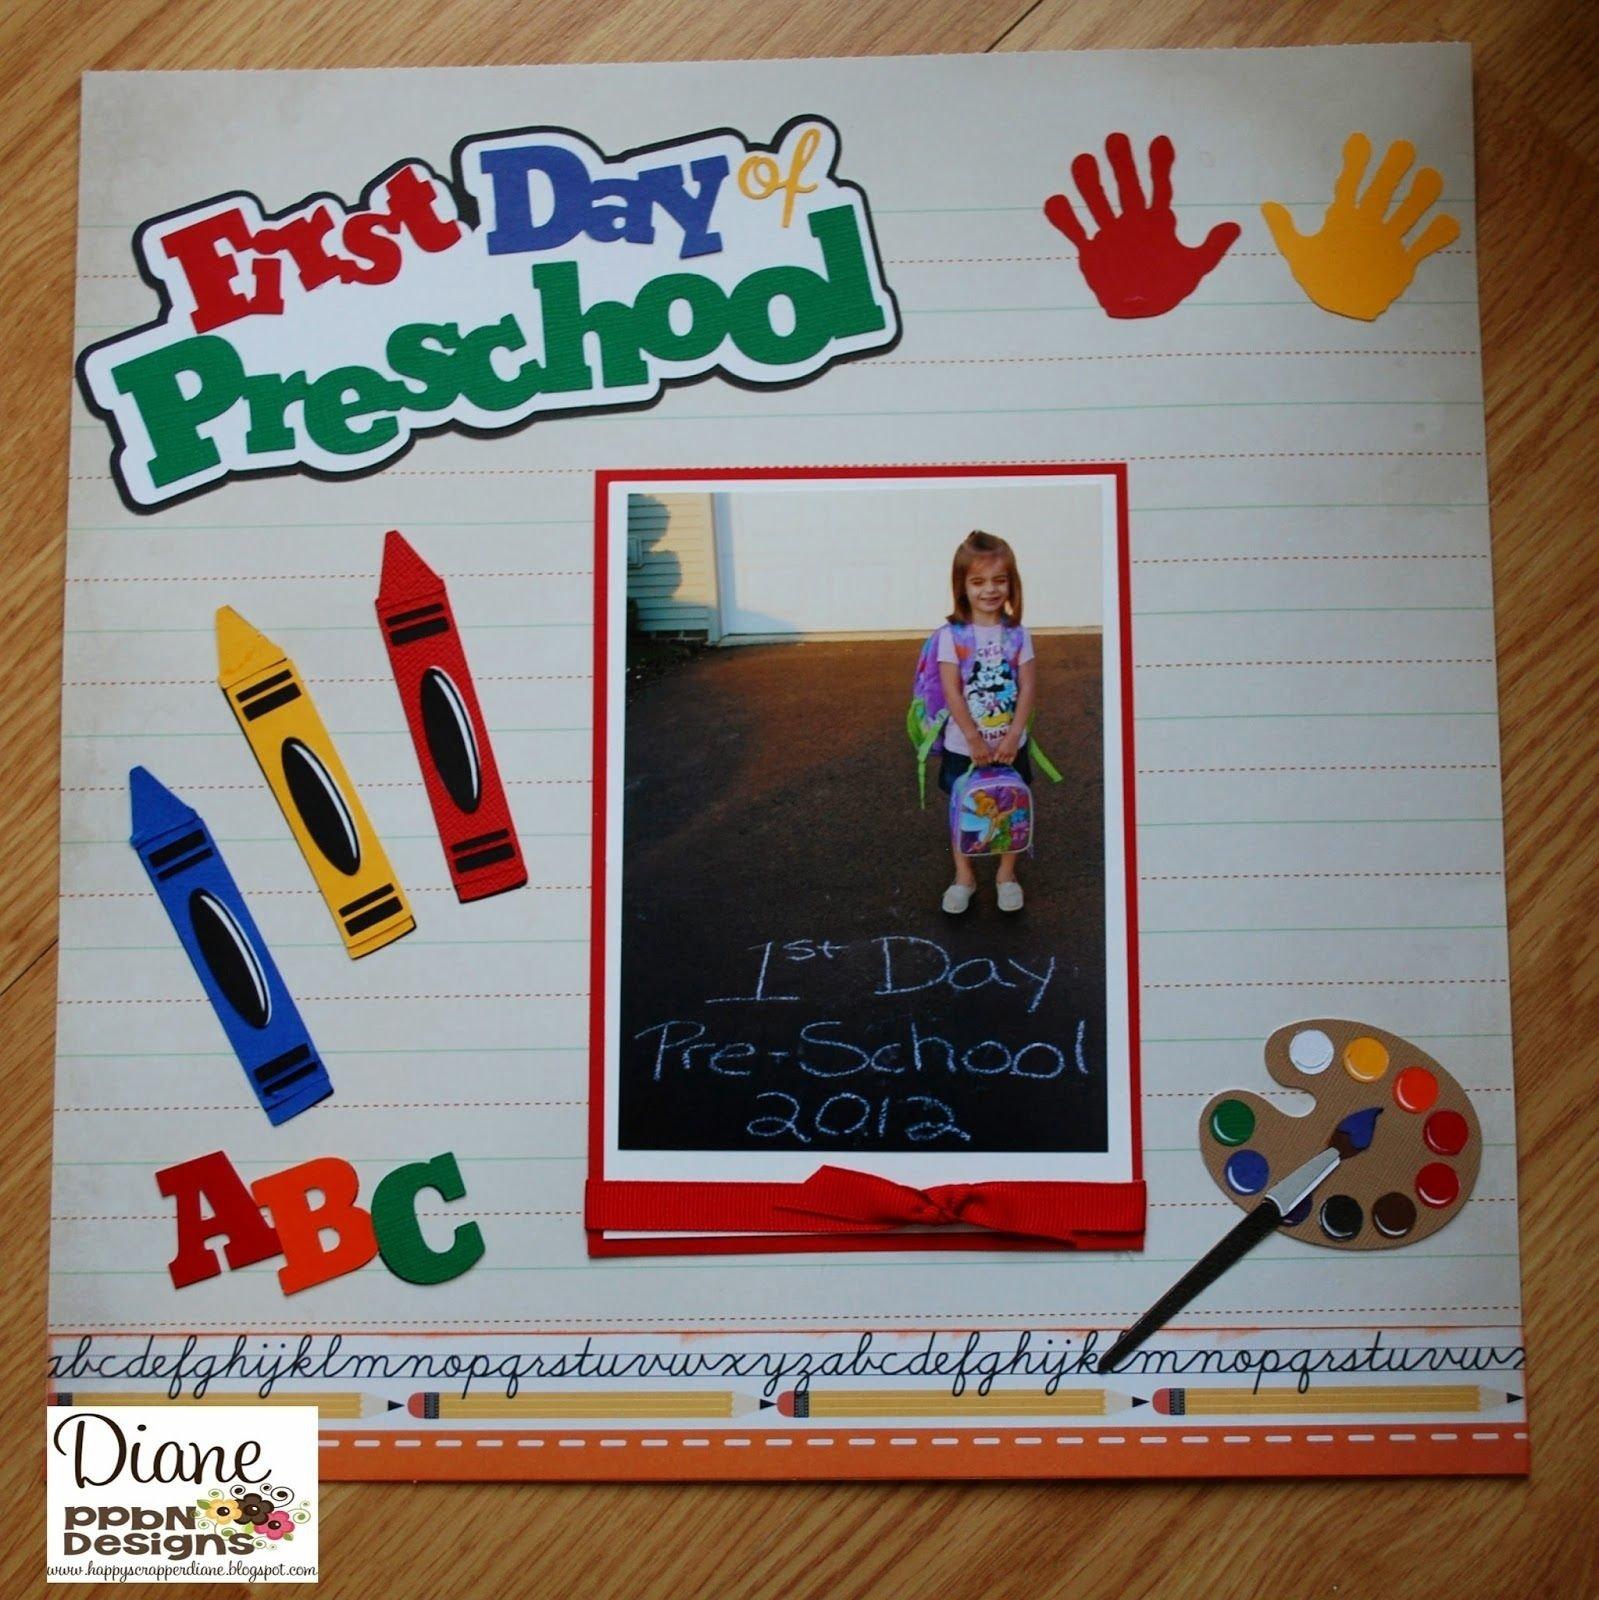 10 Fabulous First Day Of Preschool Ideas pinterest preschool ideas math worksheet ppbn designs blog first